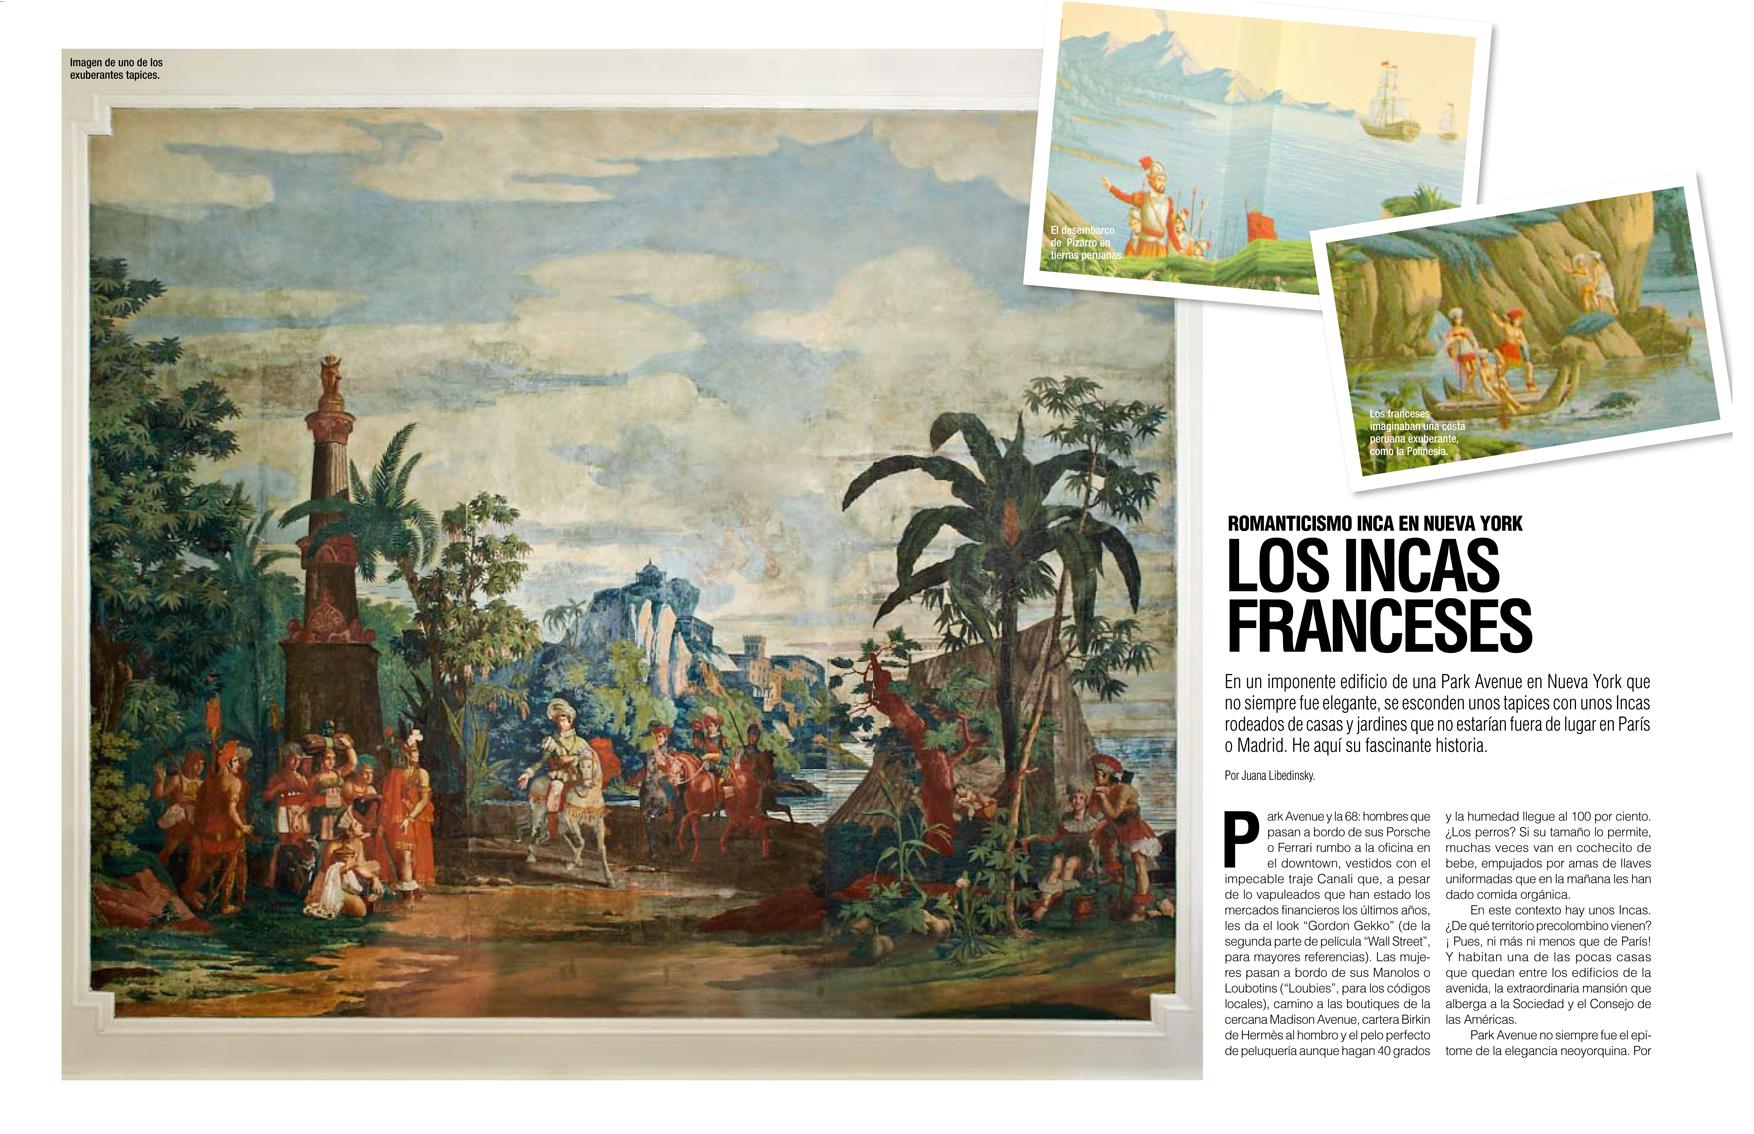 Romanticismo Inca en Nueva York Los Incas Franceses  ASCOA